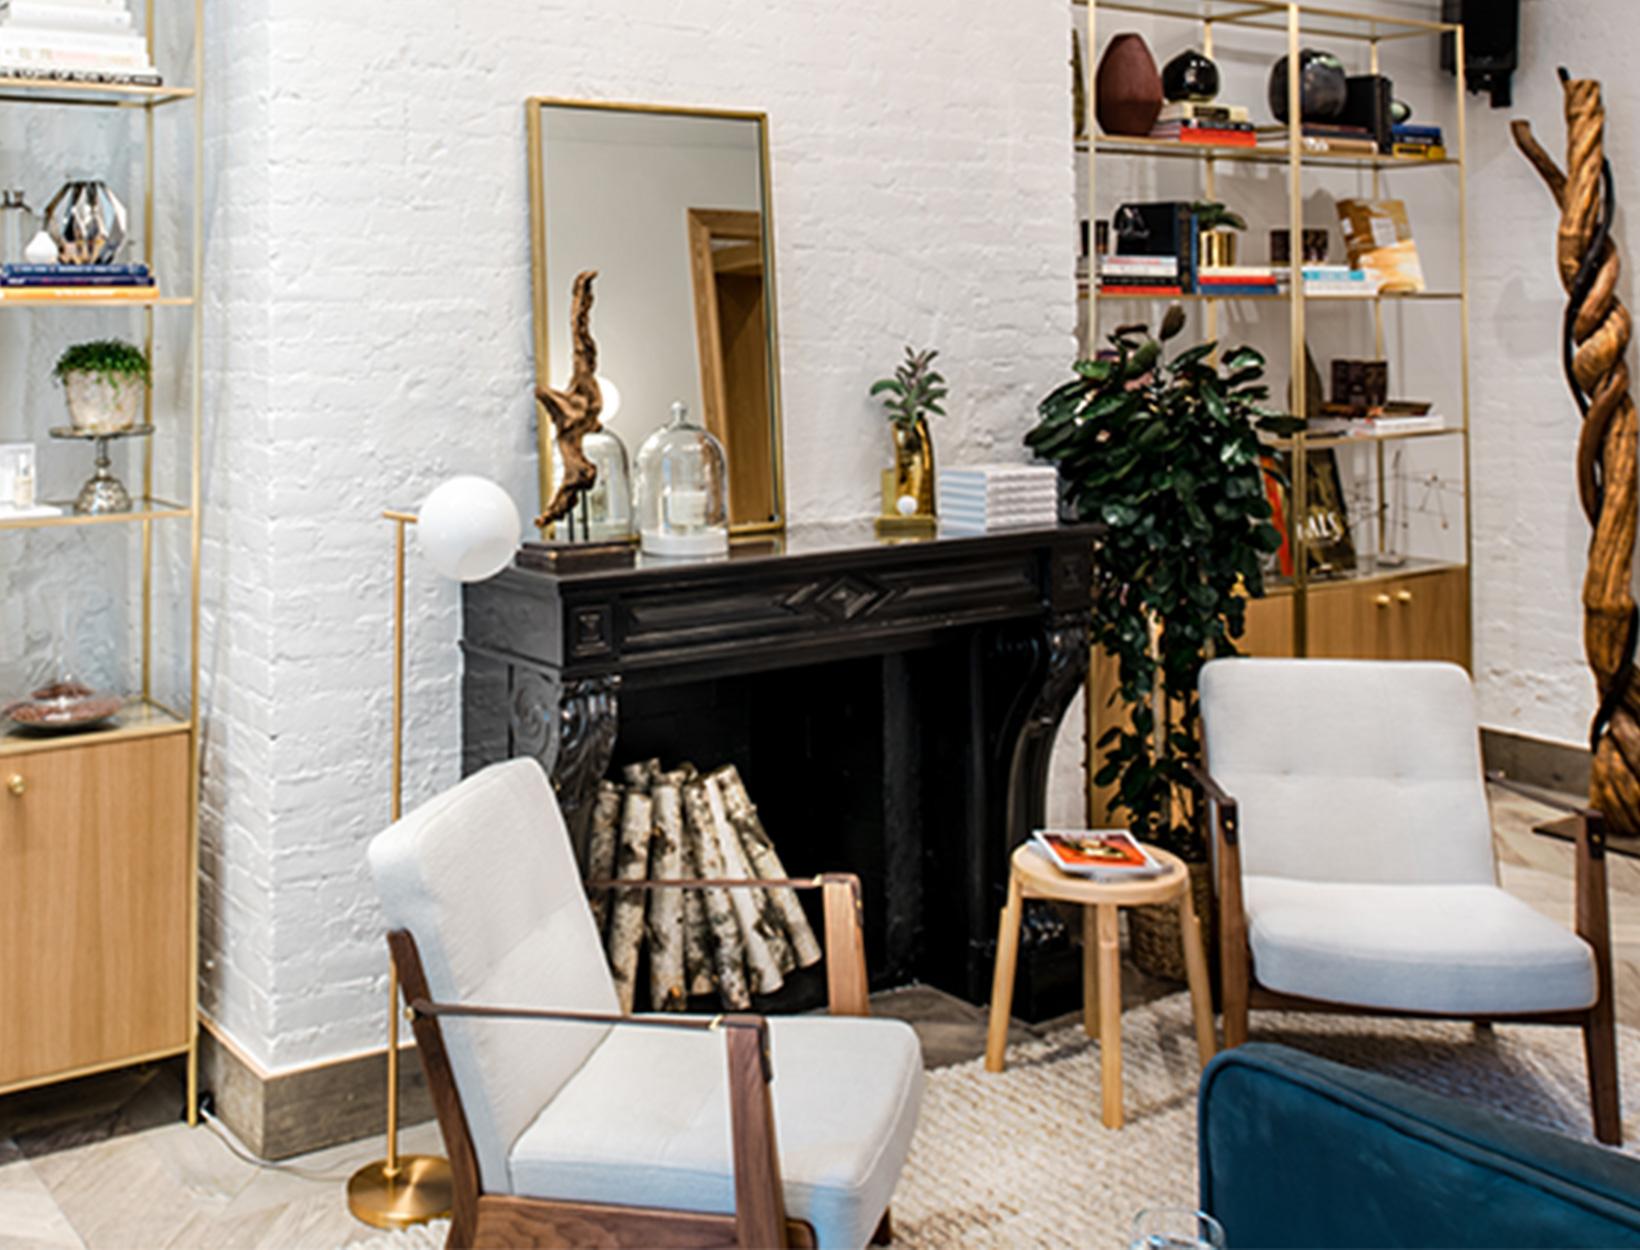 L'Appartement Caudalie Spa<br><em>Upper East Side</em>